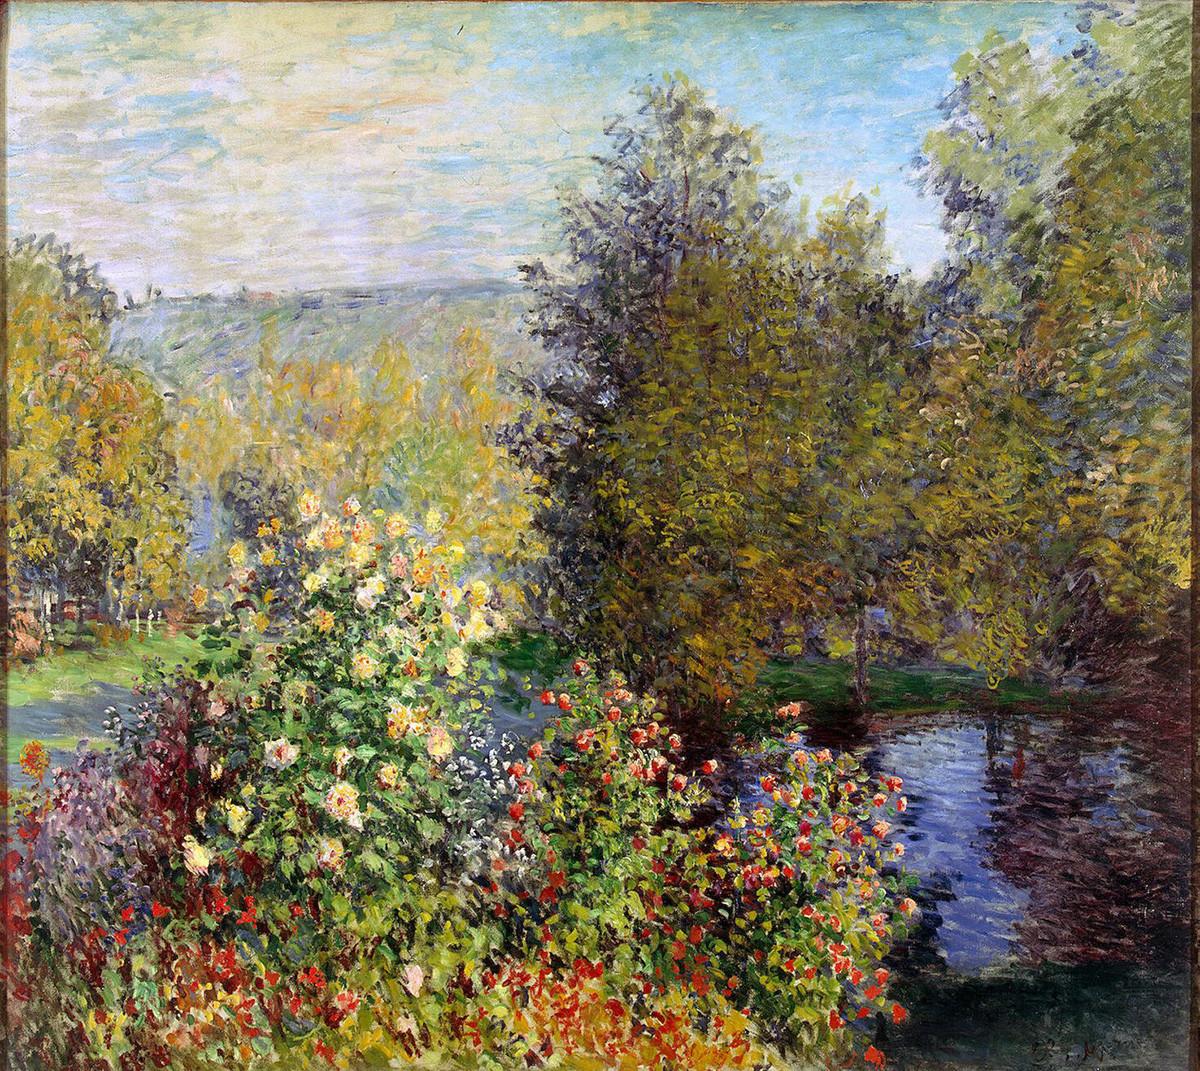 『モンジュロンの池』、クロード・モネ